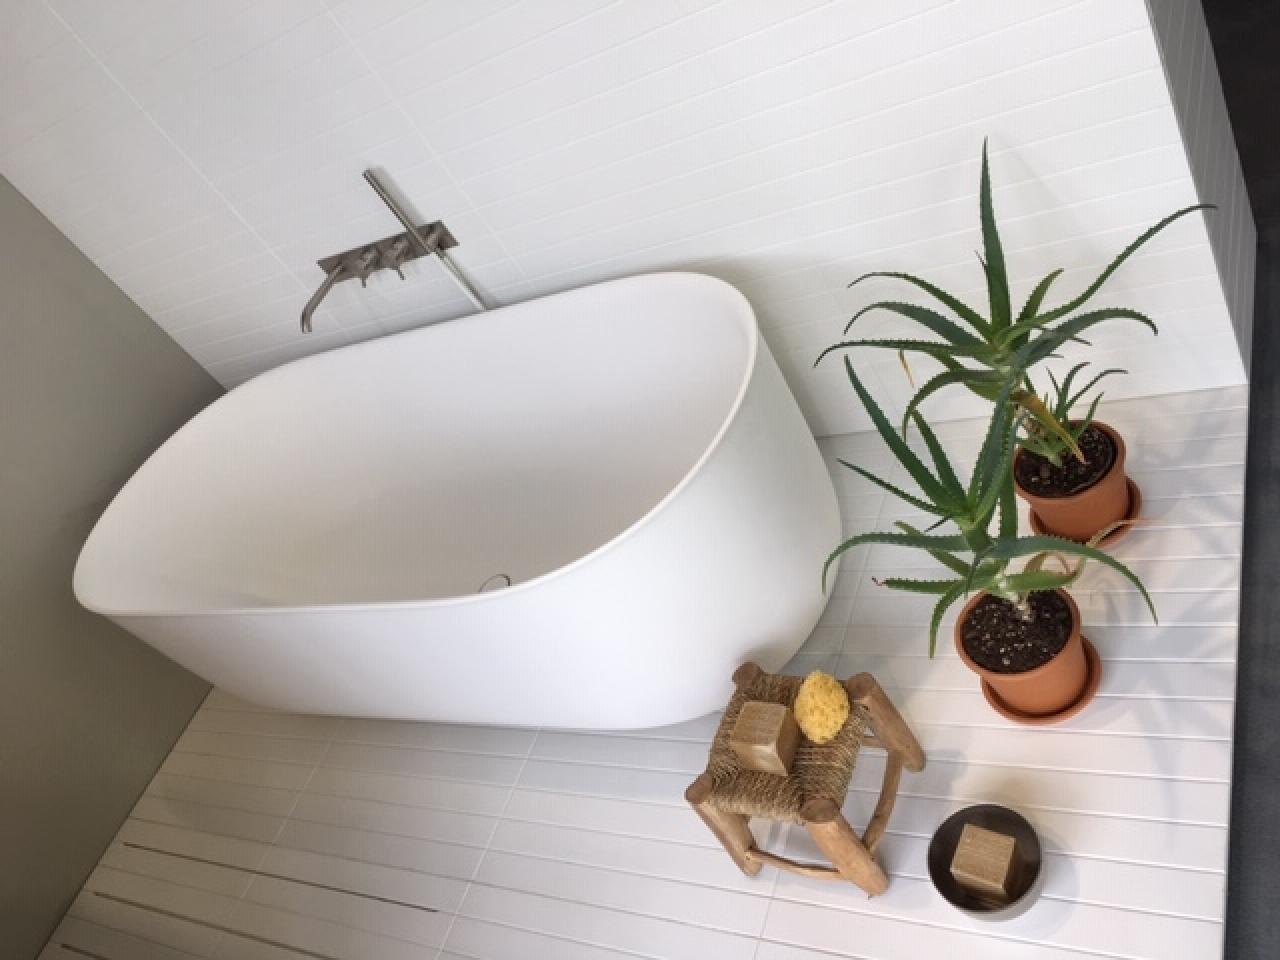 La vasca da bagno a vicenza fratelli pellizzari